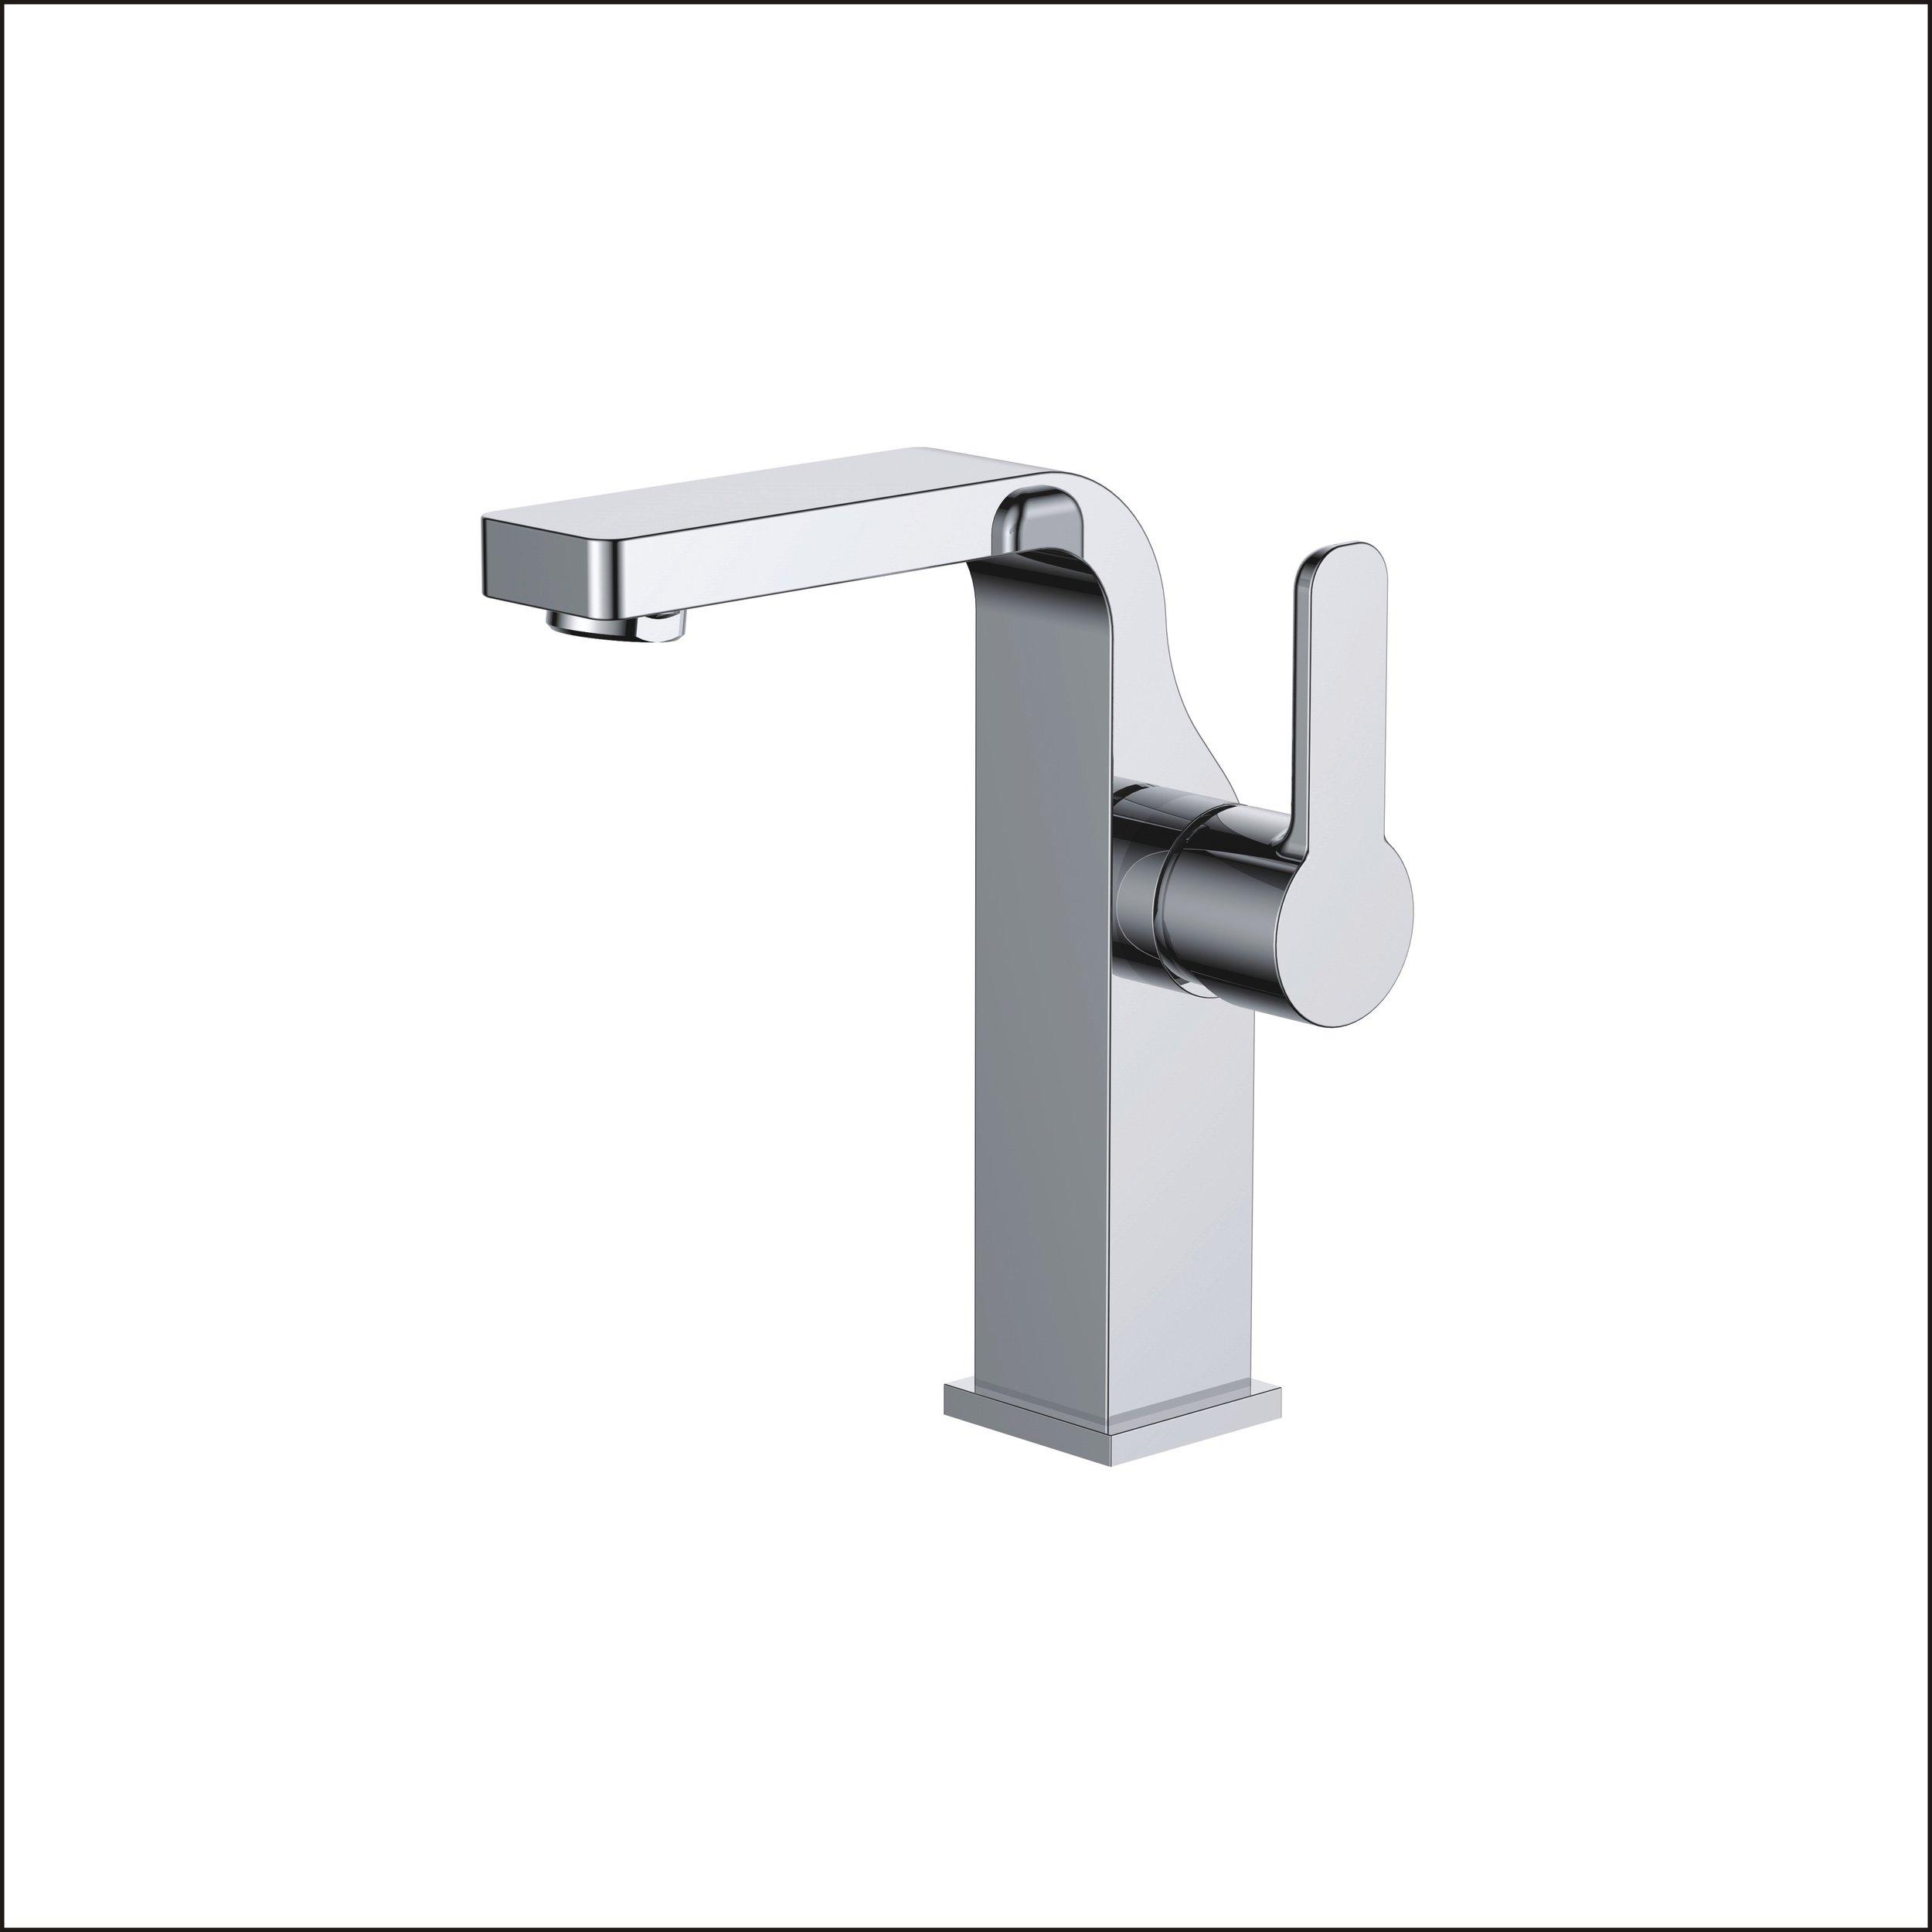 718-105:Sink faucet